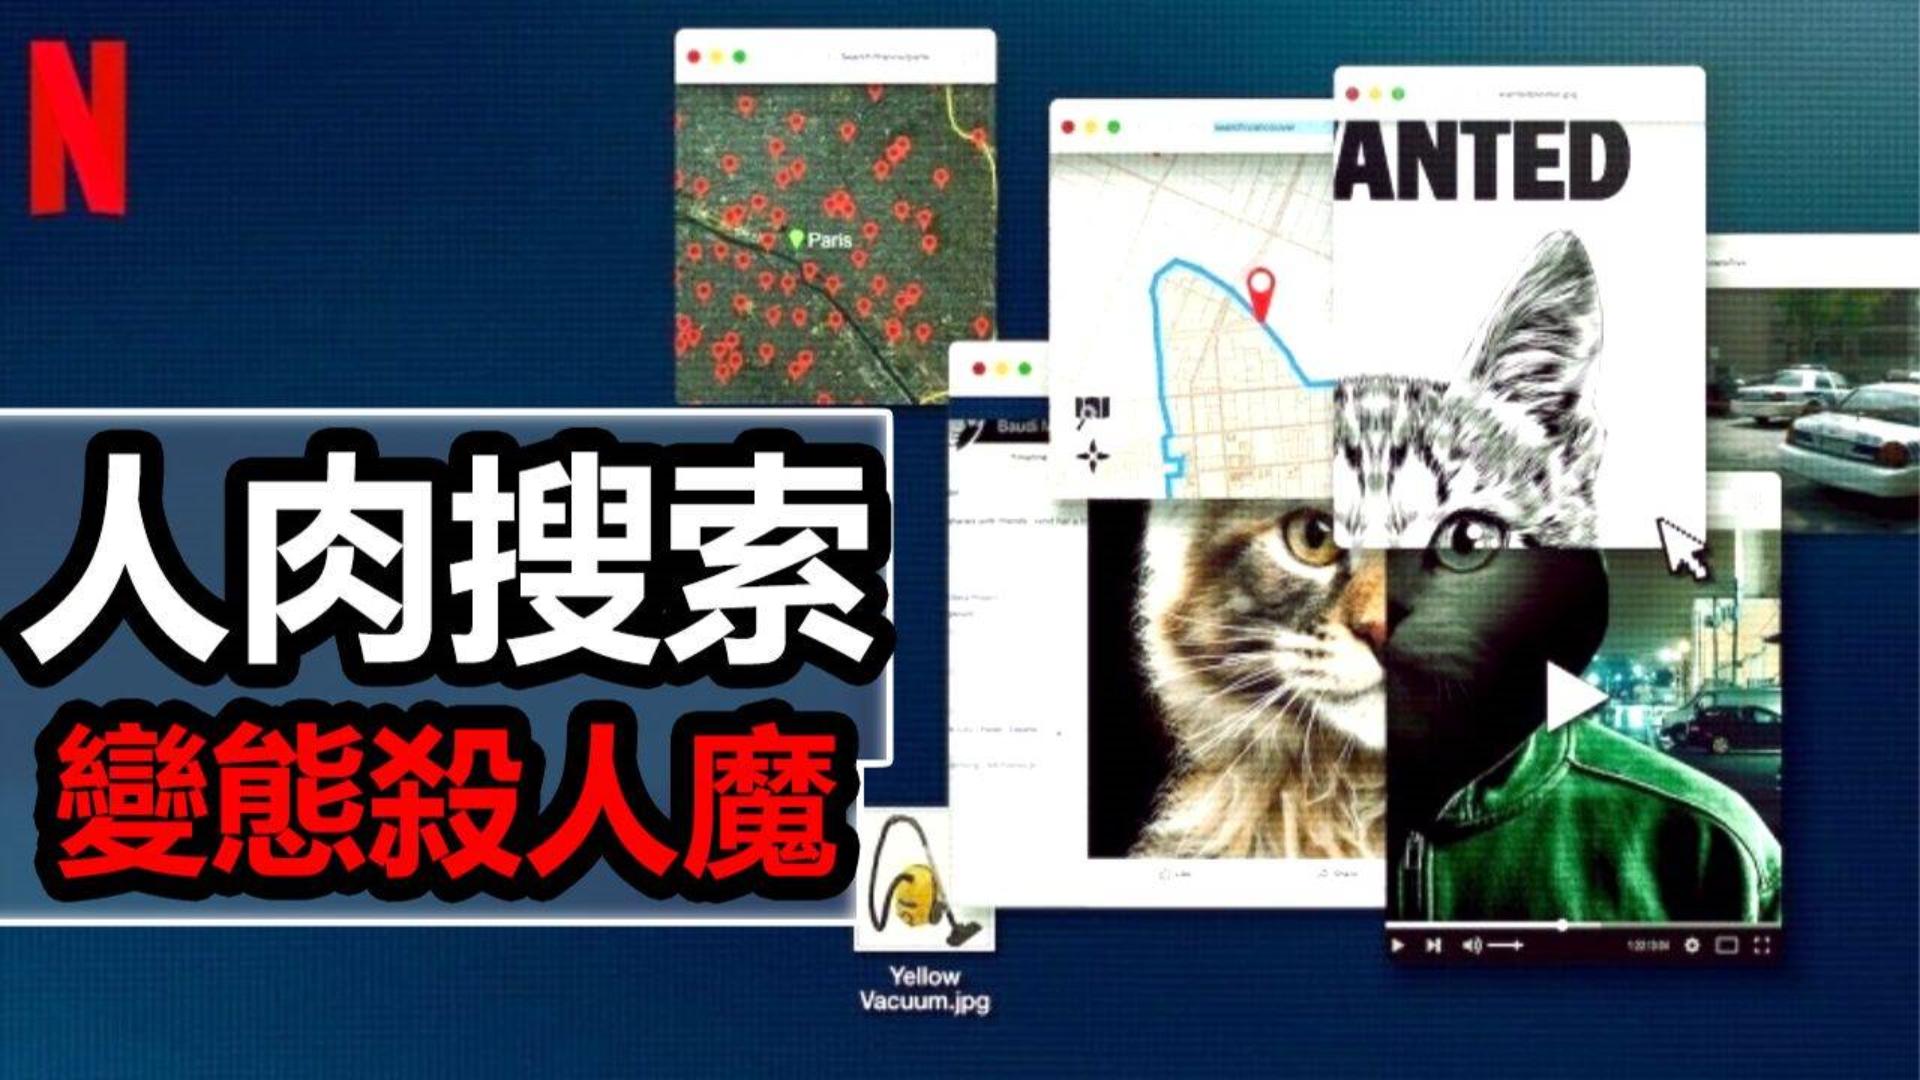 人肉搜索织就天网,中国留学生离奇惨案背后,纪录片揭露杀手末路